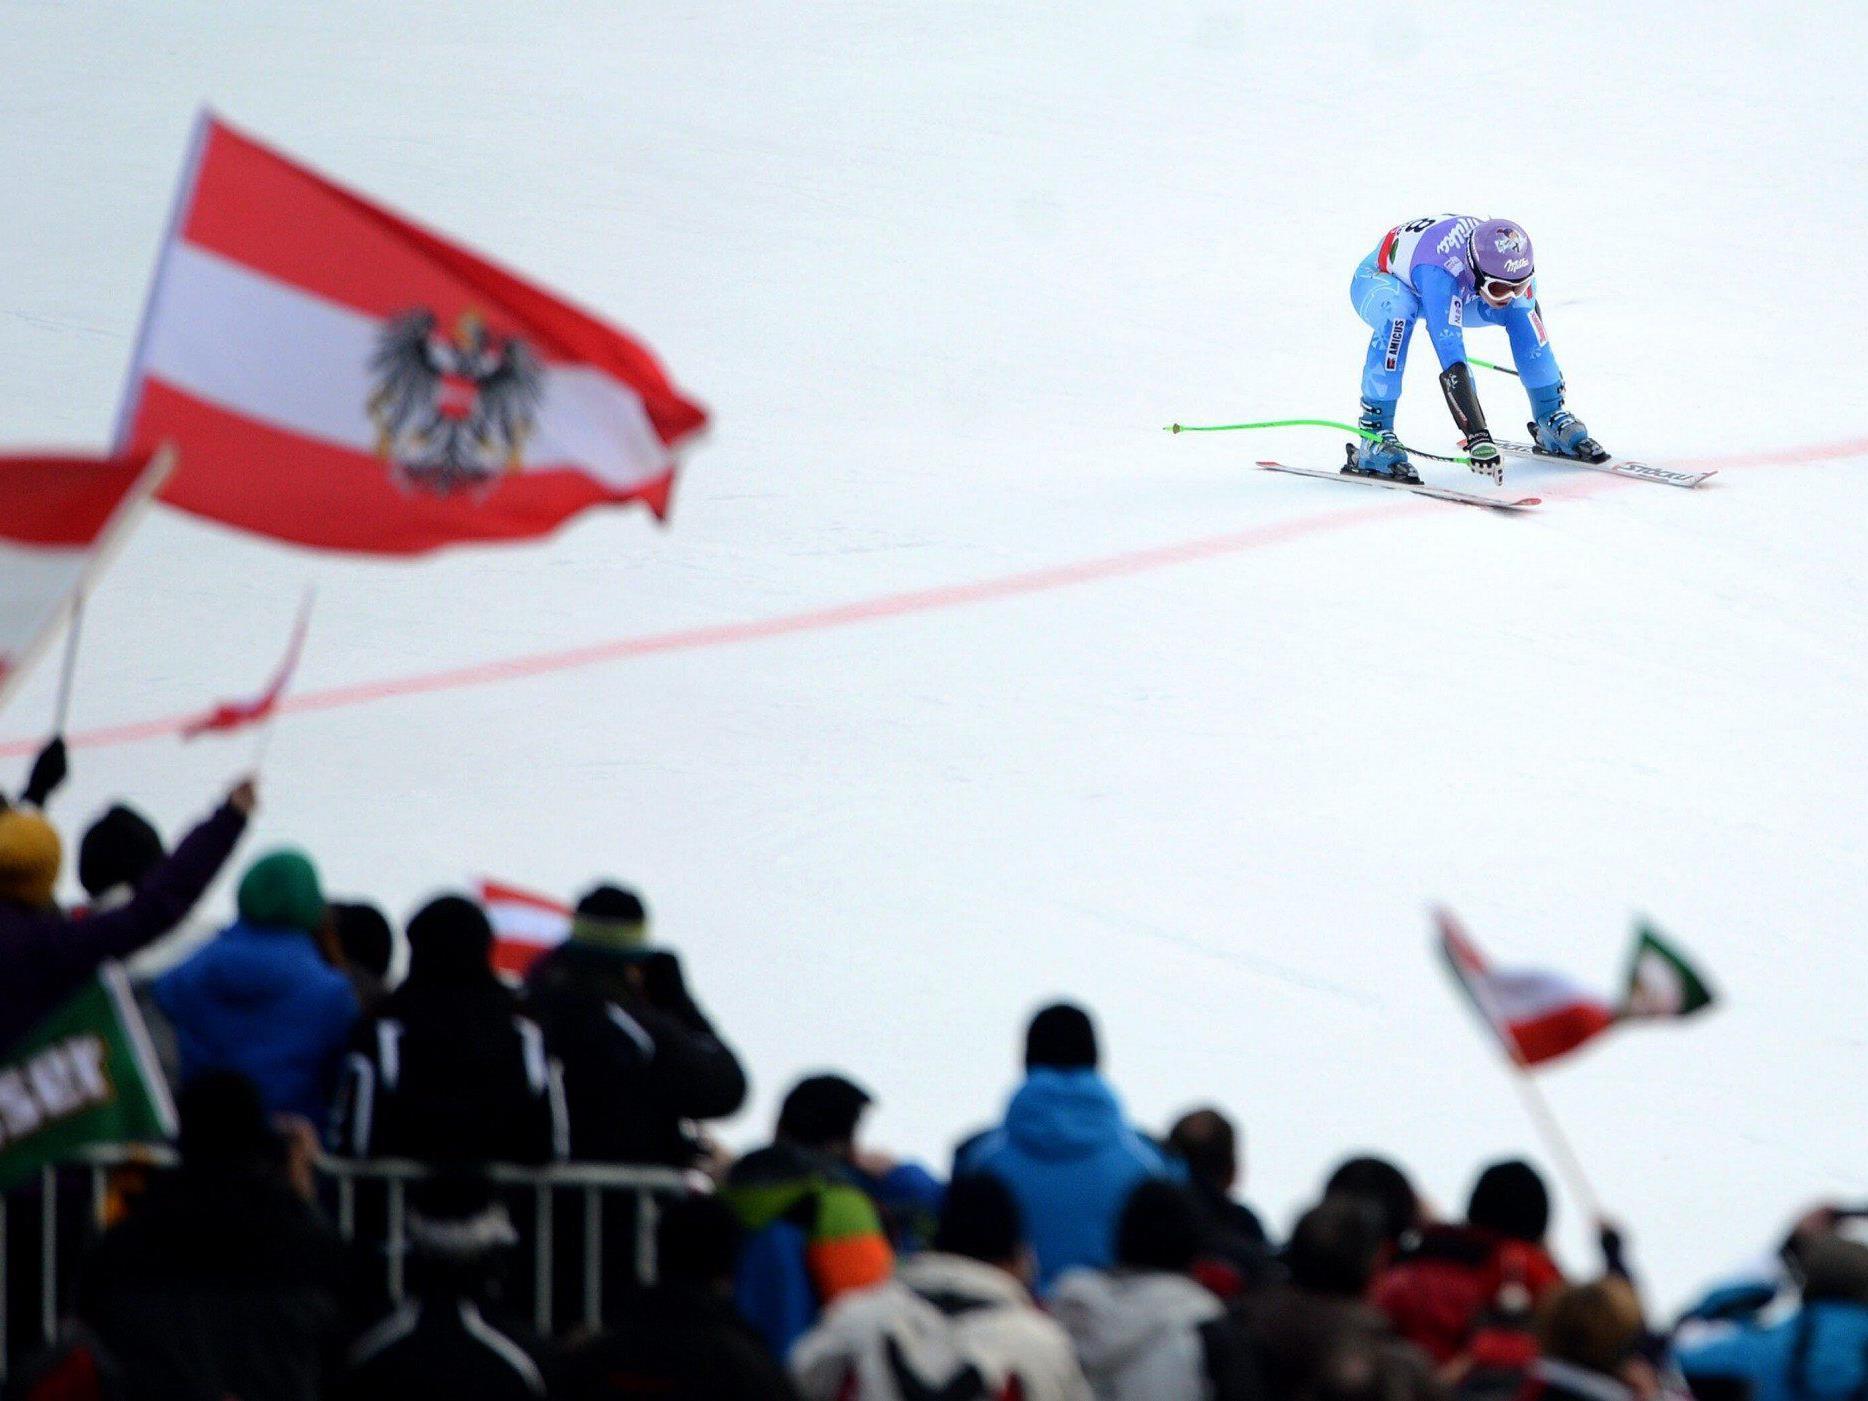 Tina Maze kommt mit Gold-Zeit ins Ziel des WM-Super-G in Schladming.